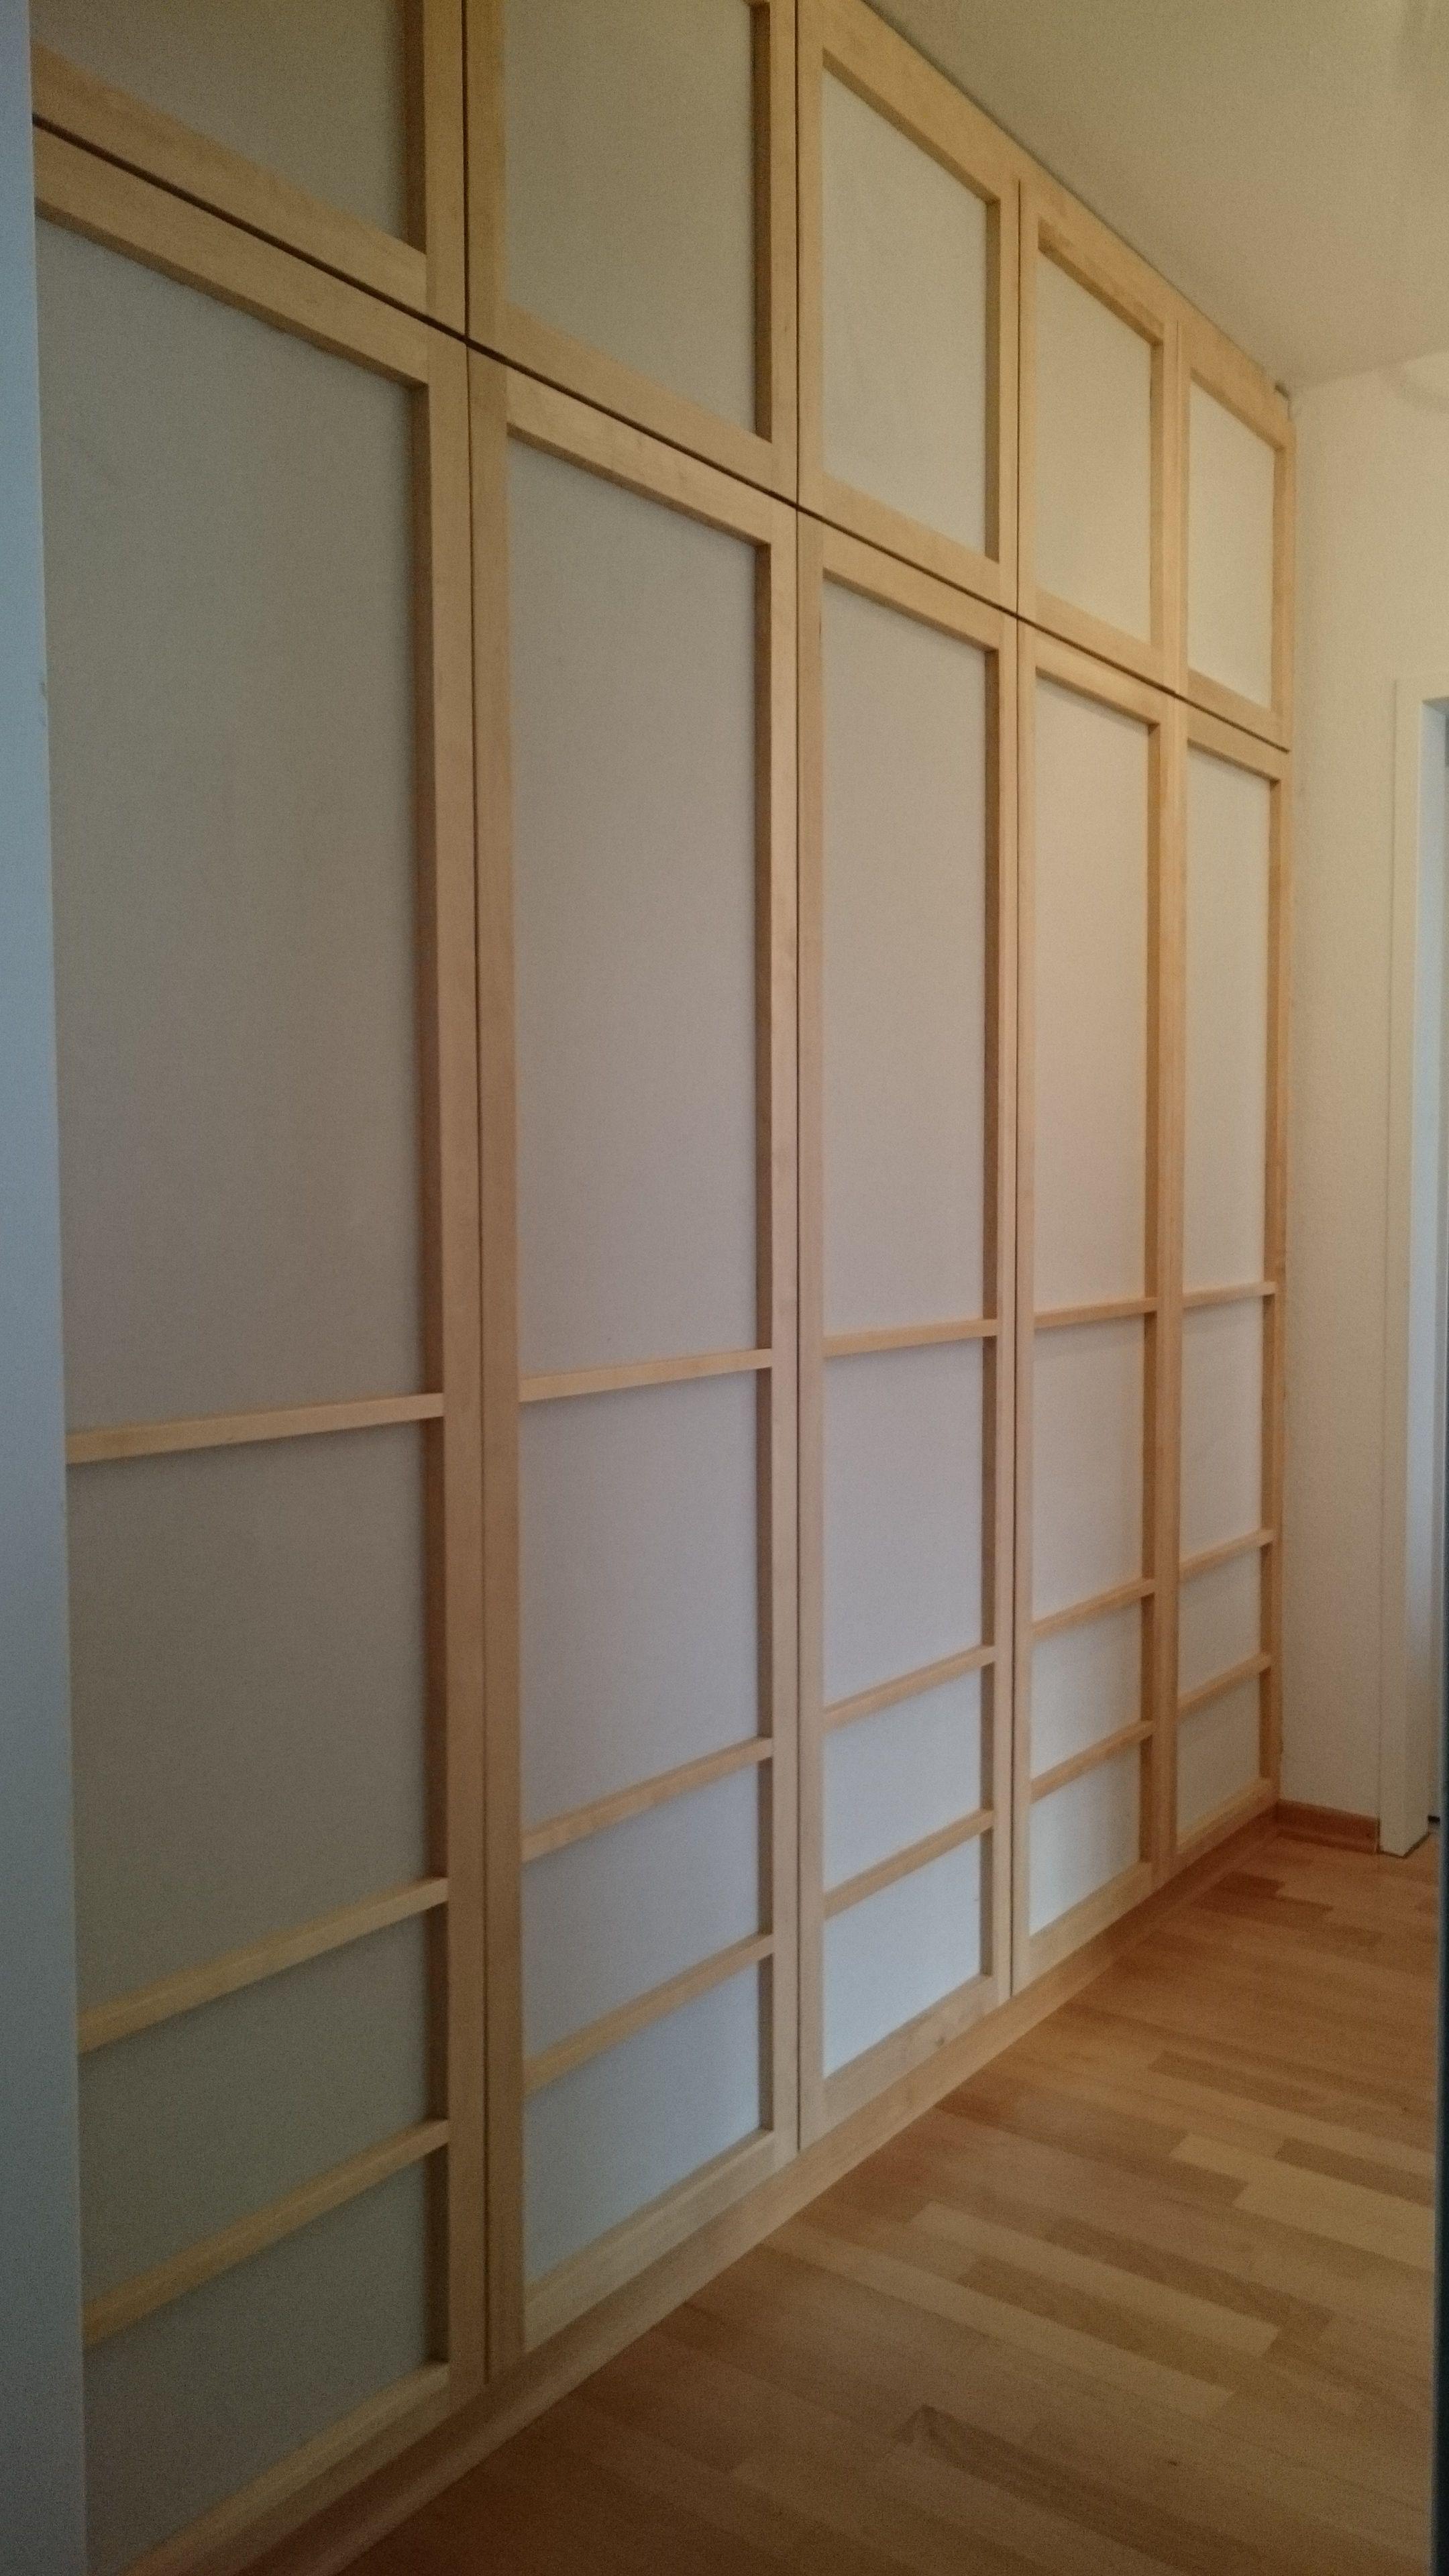 Schrank in Birke. Korpus aus Birke-Multiplex-Platten Türen sind Rahmentüren (Birke massiv) mit Baumwoll-Stoff-Füllungen